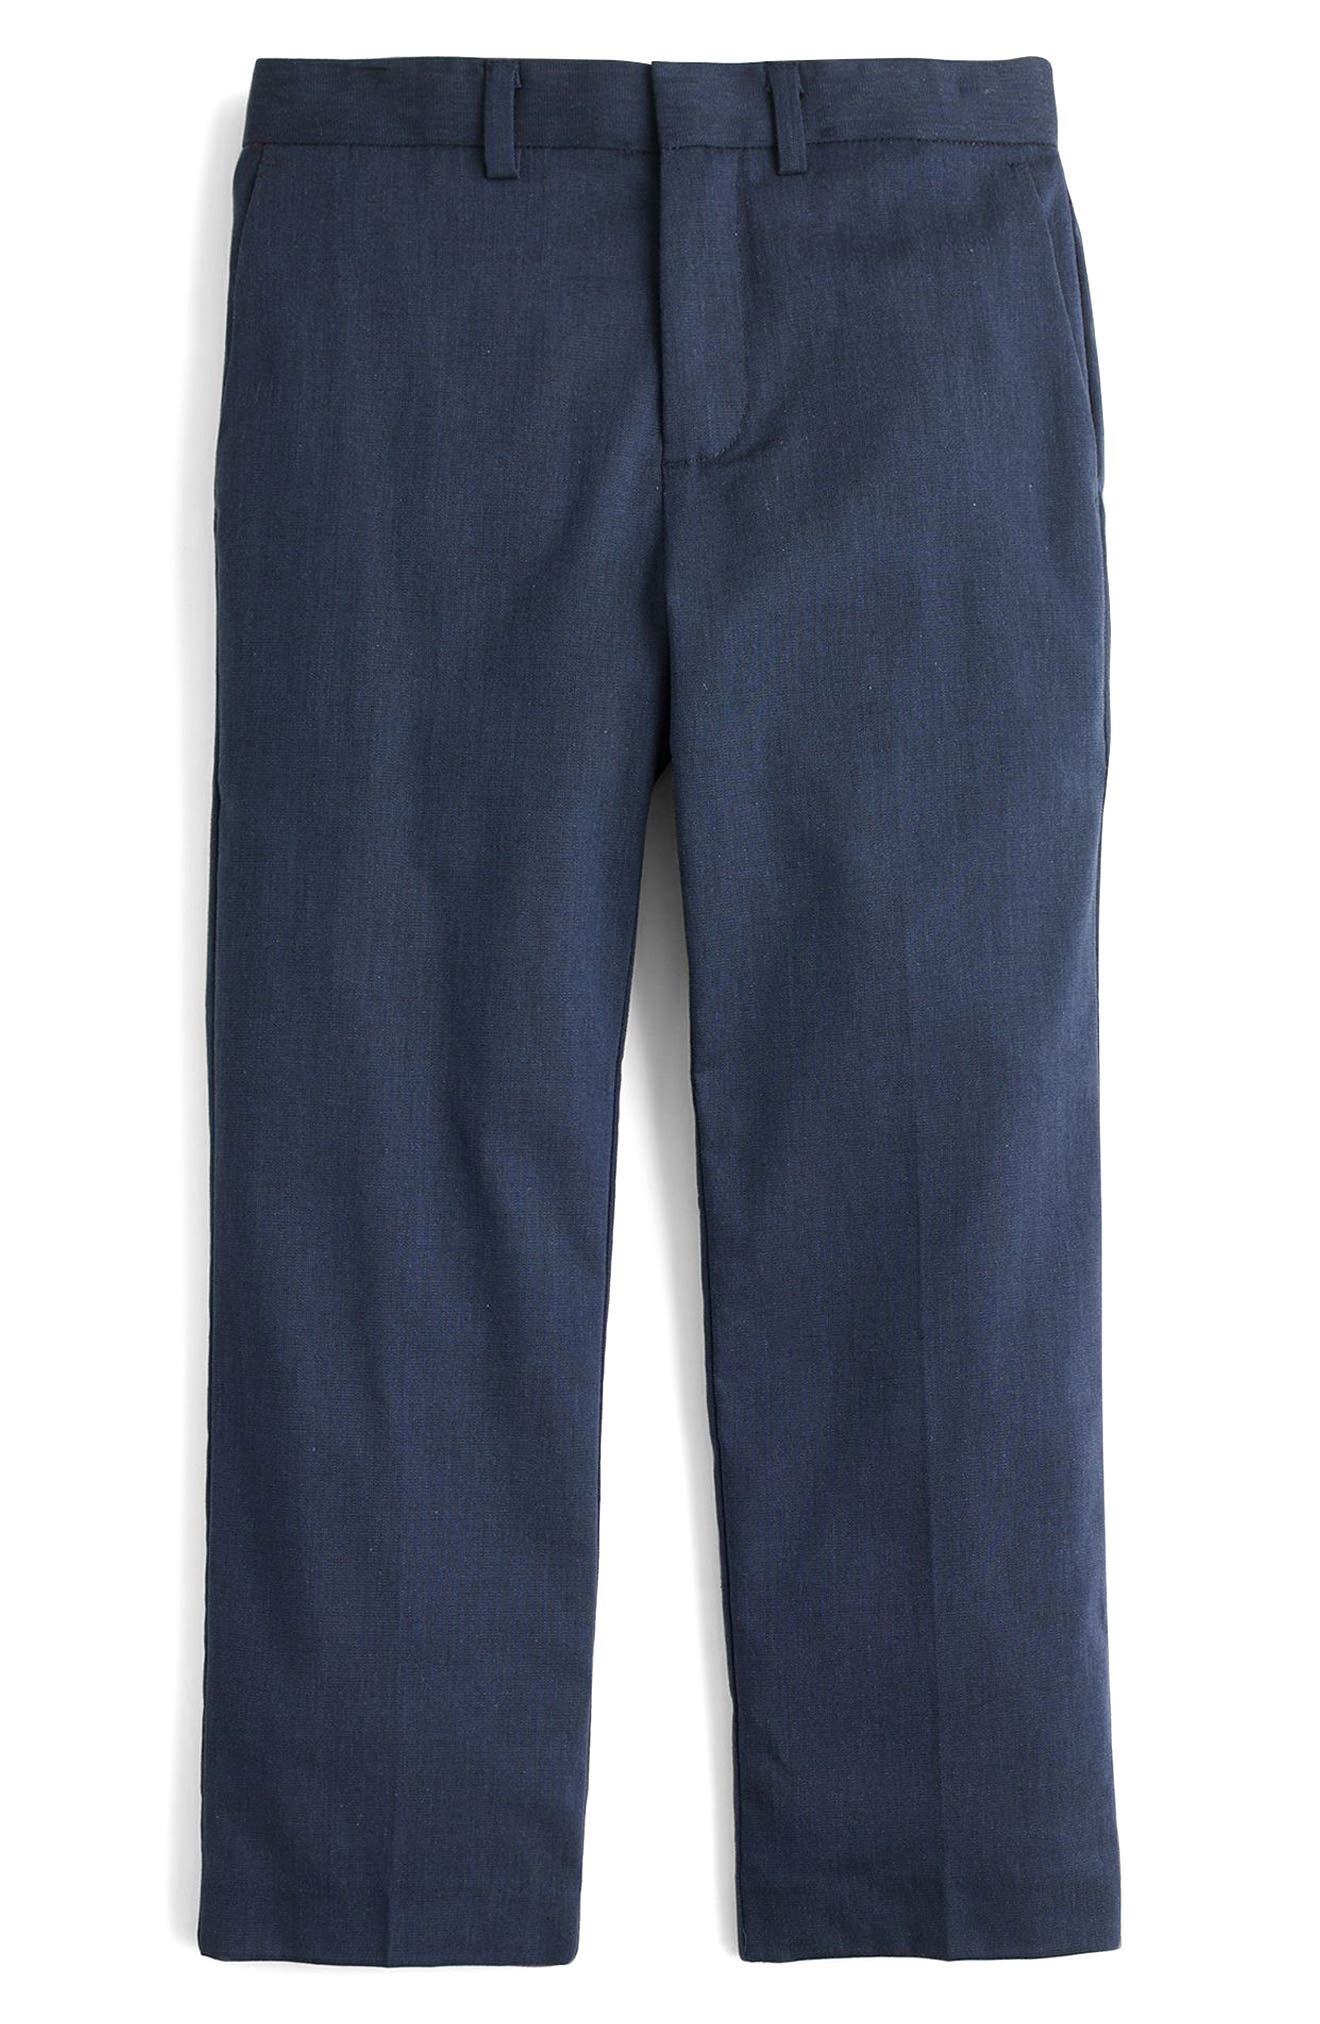 Ludlow Suit Pants,                             Main thumbnail 1, color,                             400